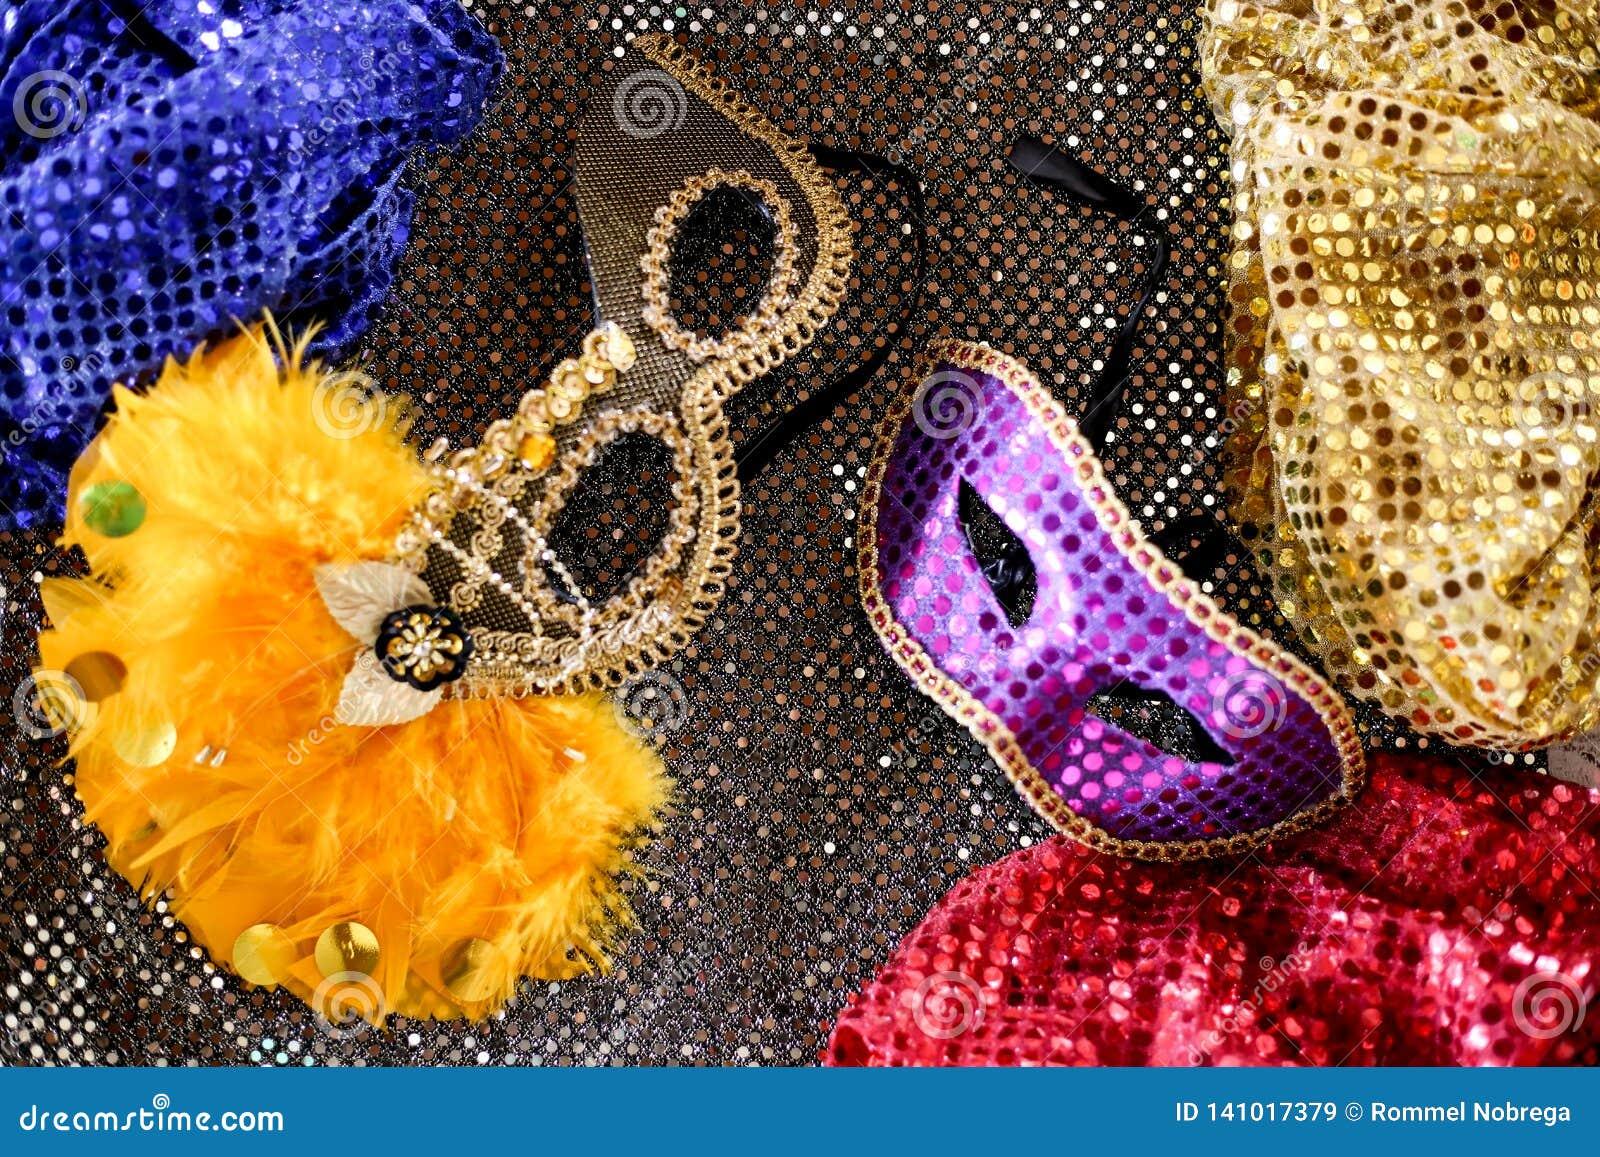 Bunte Karnevalsmasken mit gelben Federn mit dunkelgrauem Hintergrund